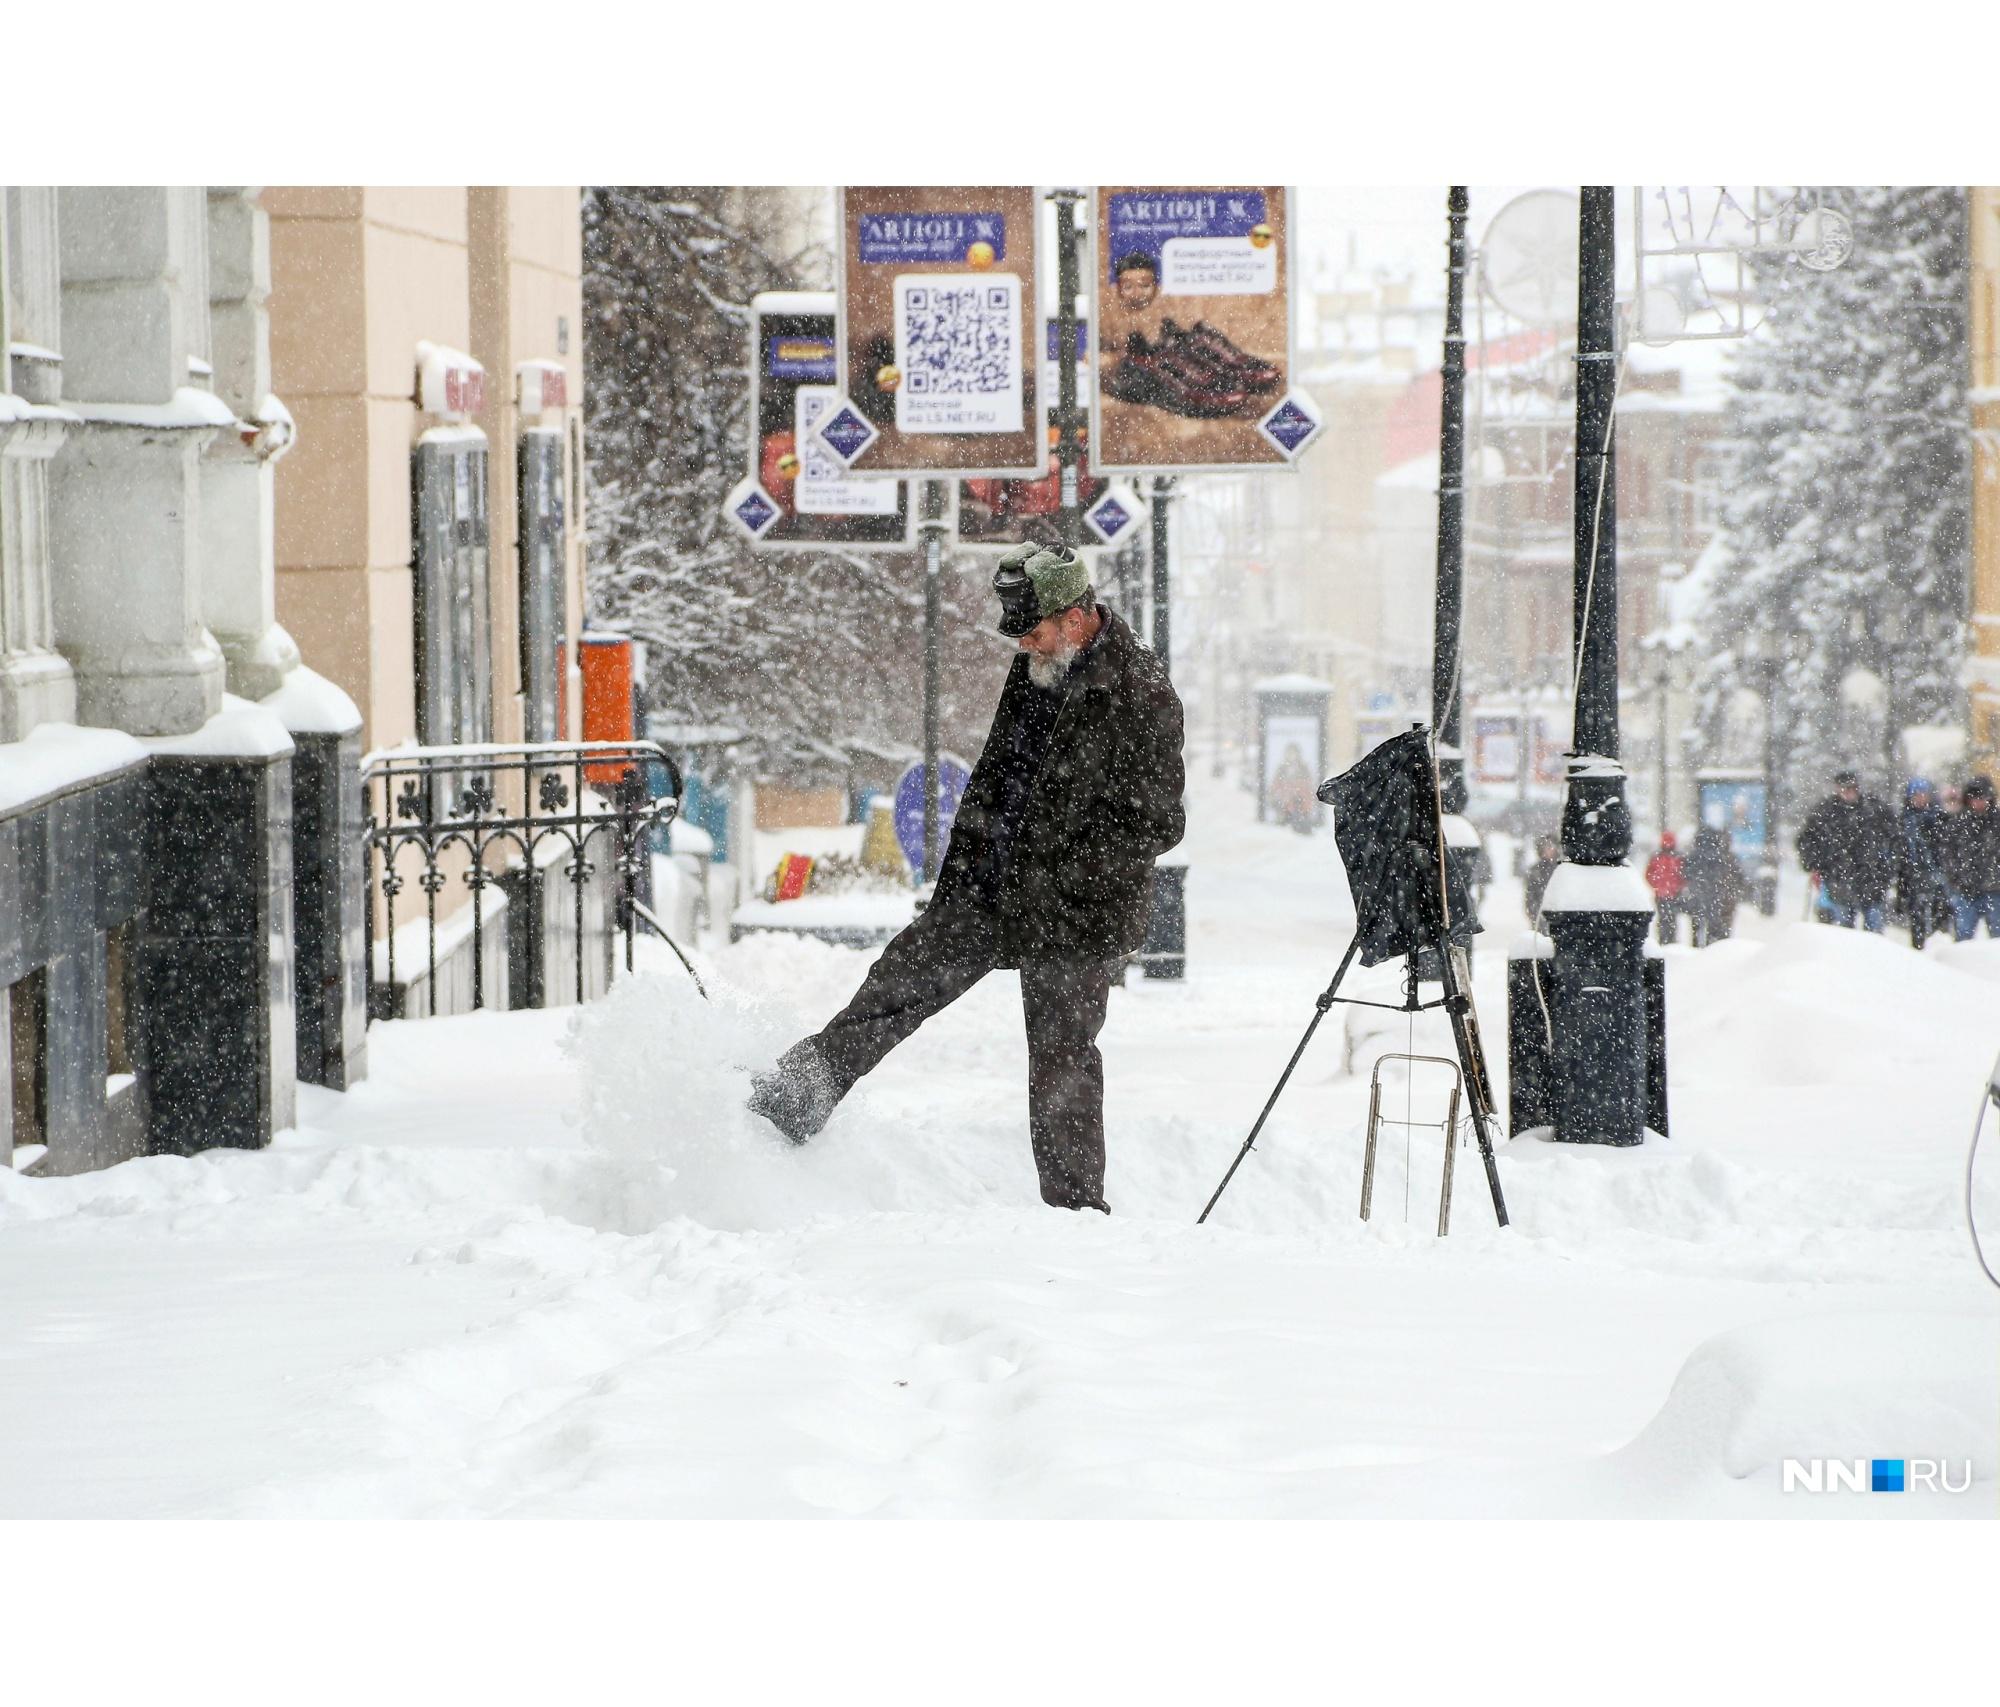 Некоторые решили воспользоваться погодными условиями и поиграть с хлопьями снега